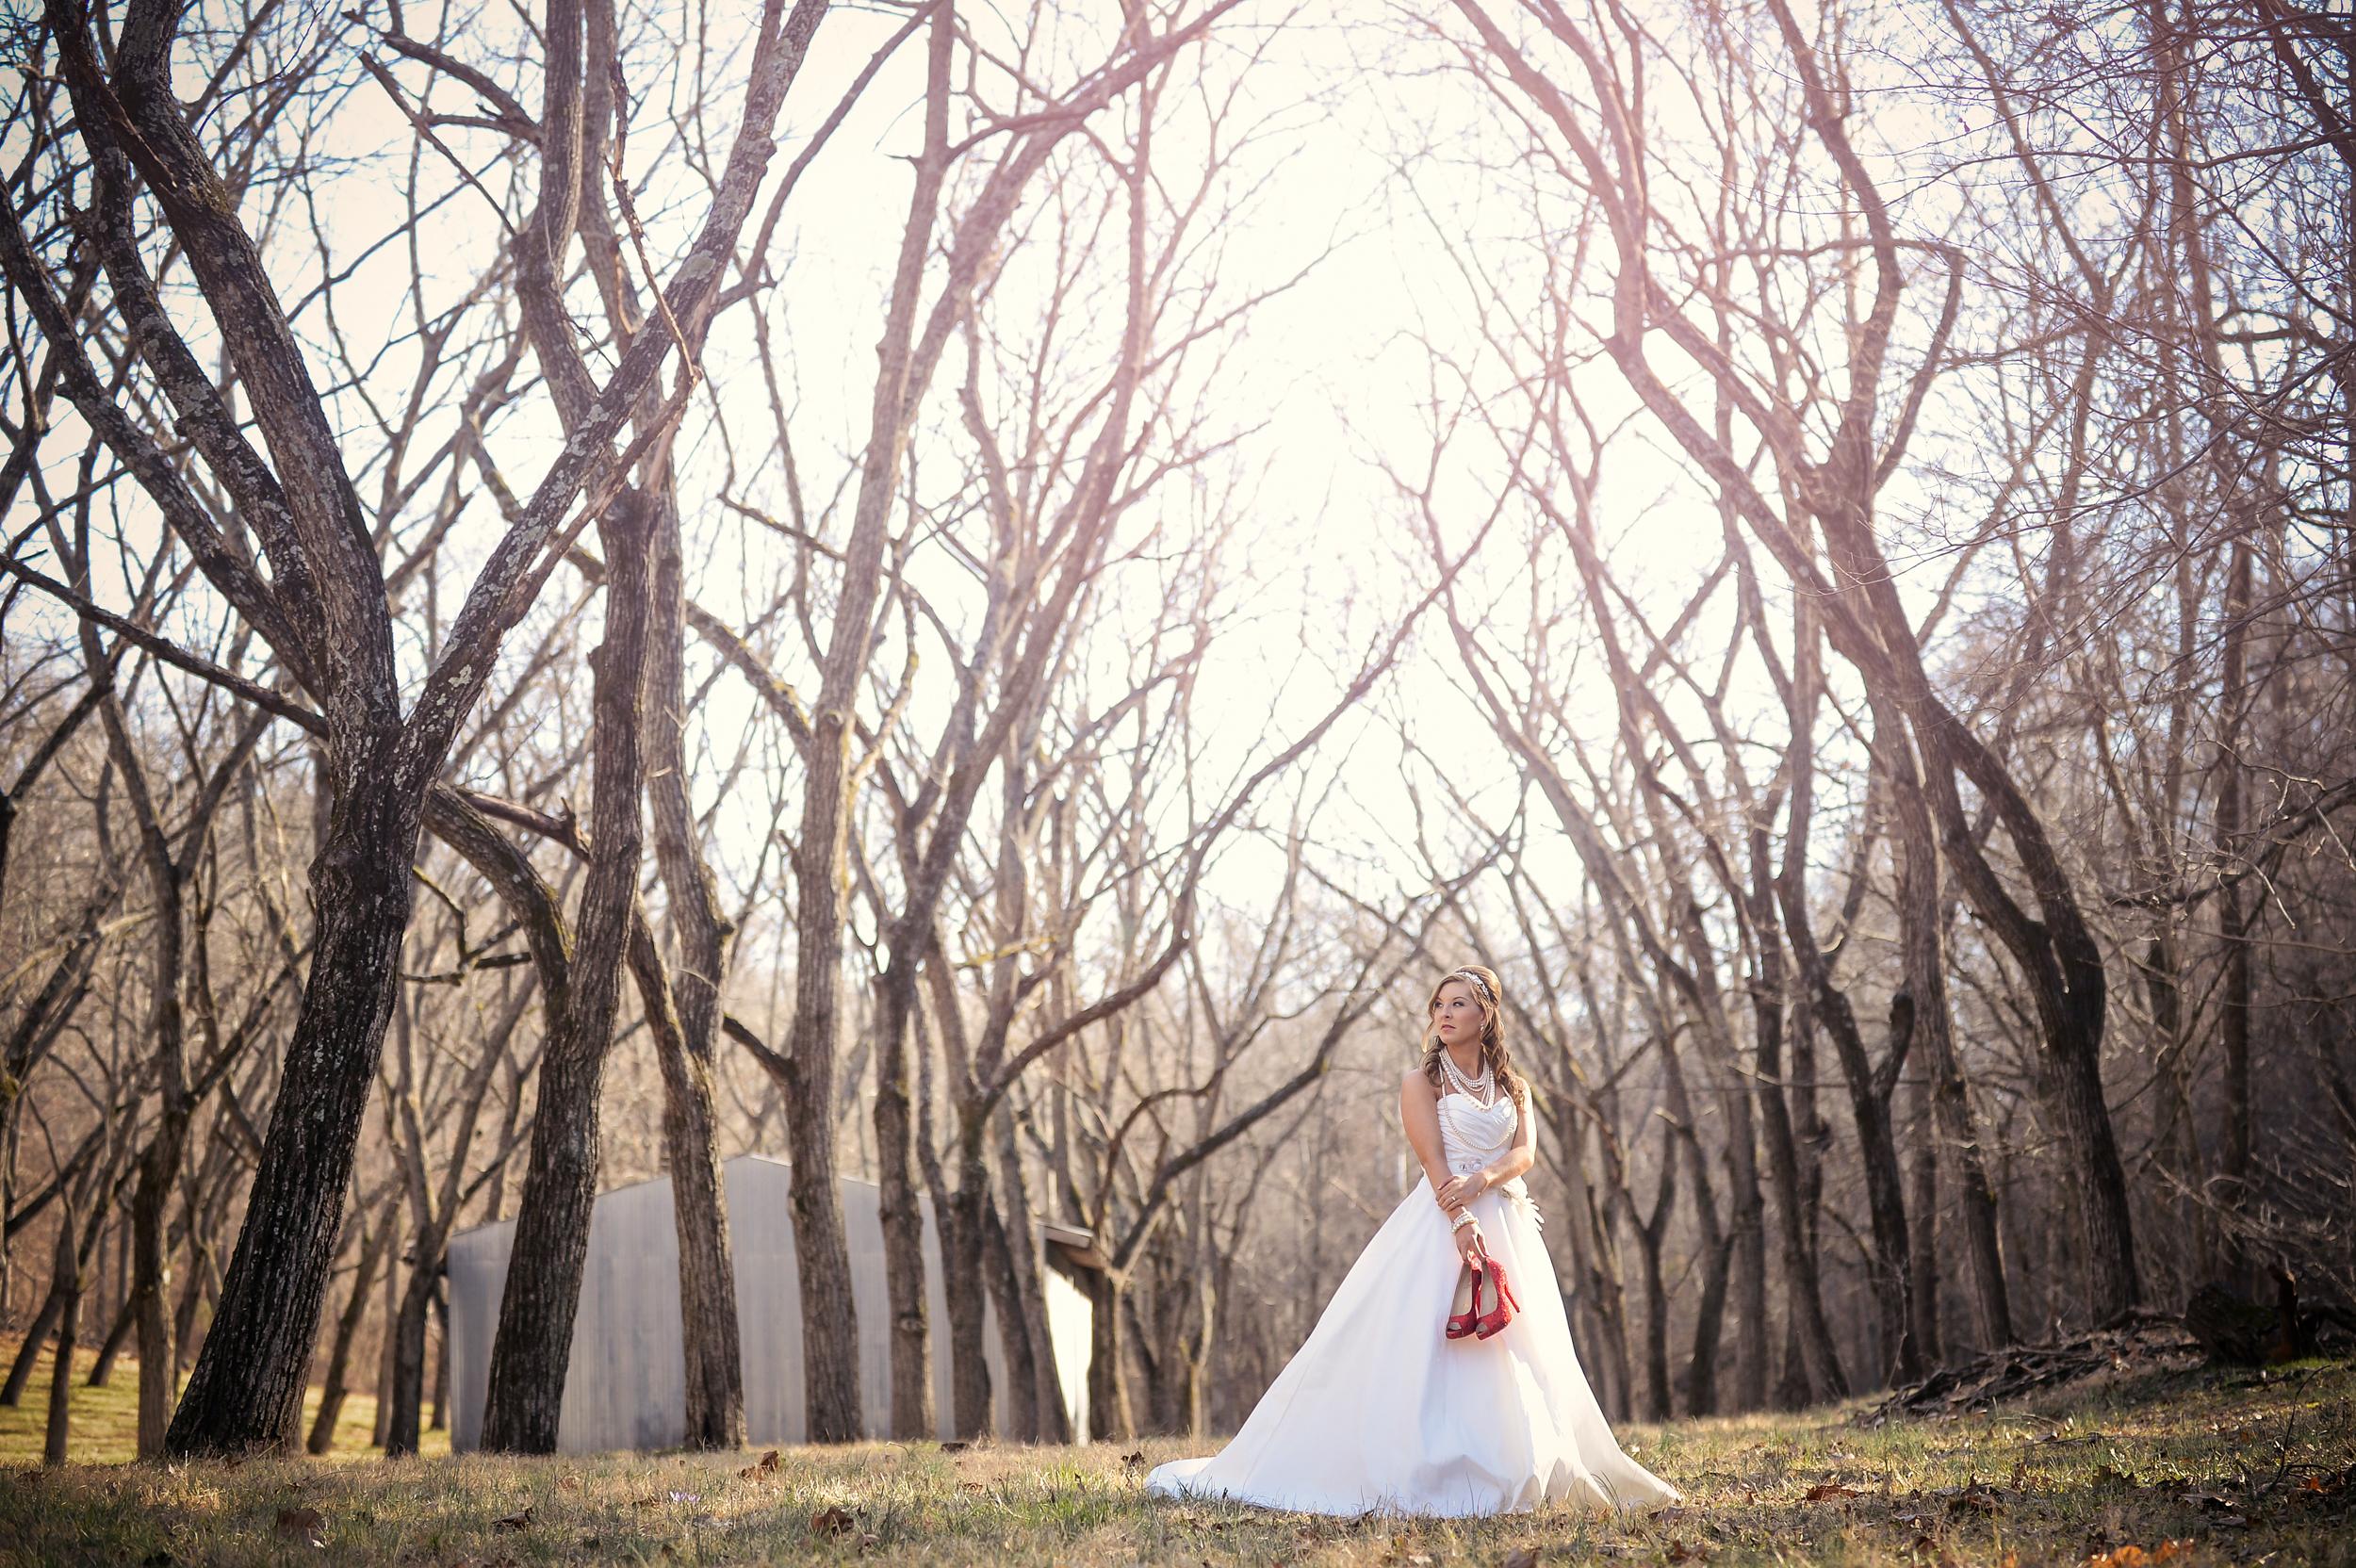 bridals©2015mileswittboyer-18.jpg